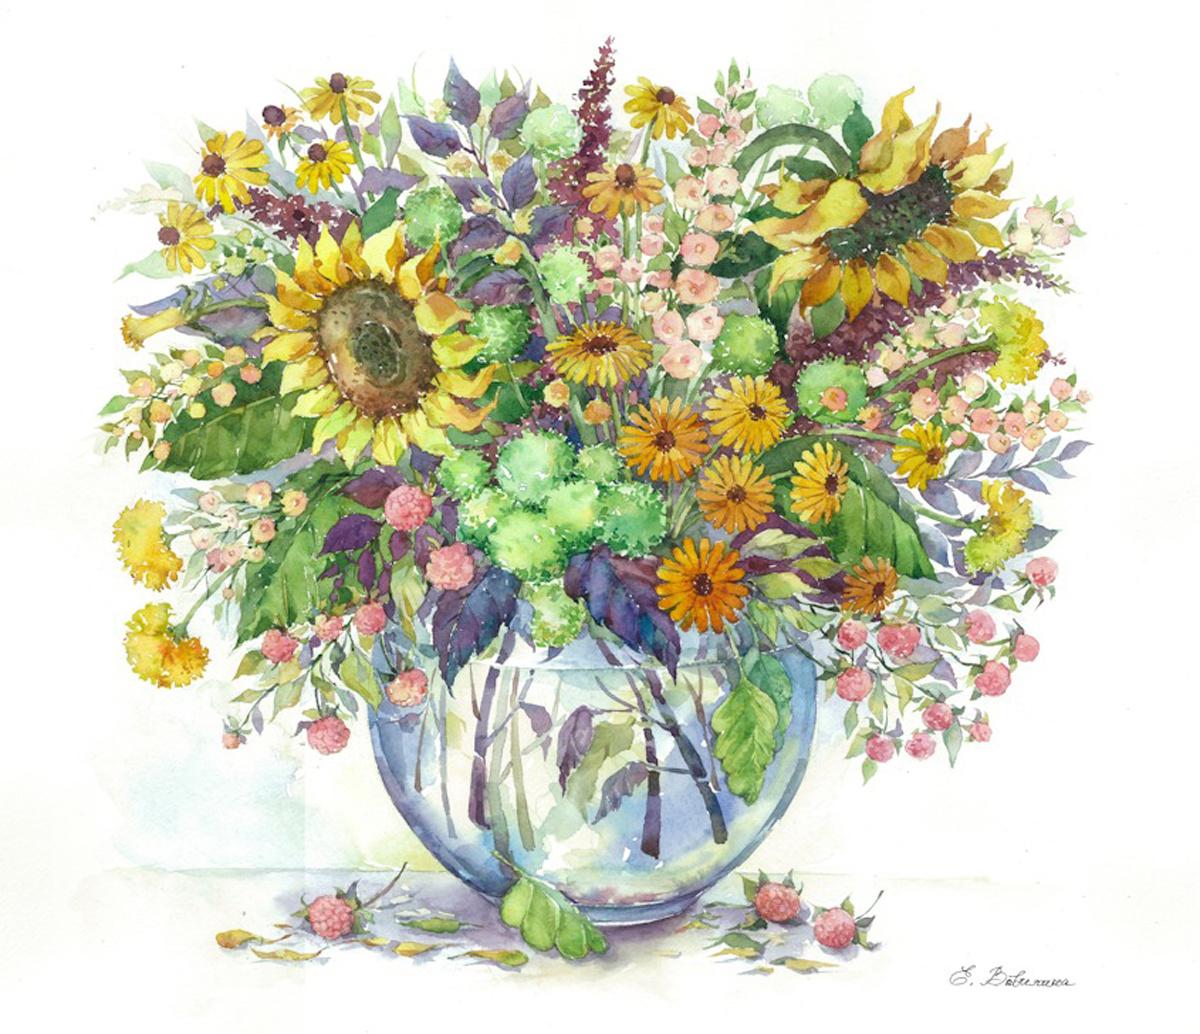 """Картины по номерам на холсте""""Подсолнухи в вазе"""", премиум, 40х50, MG2062  #1"""